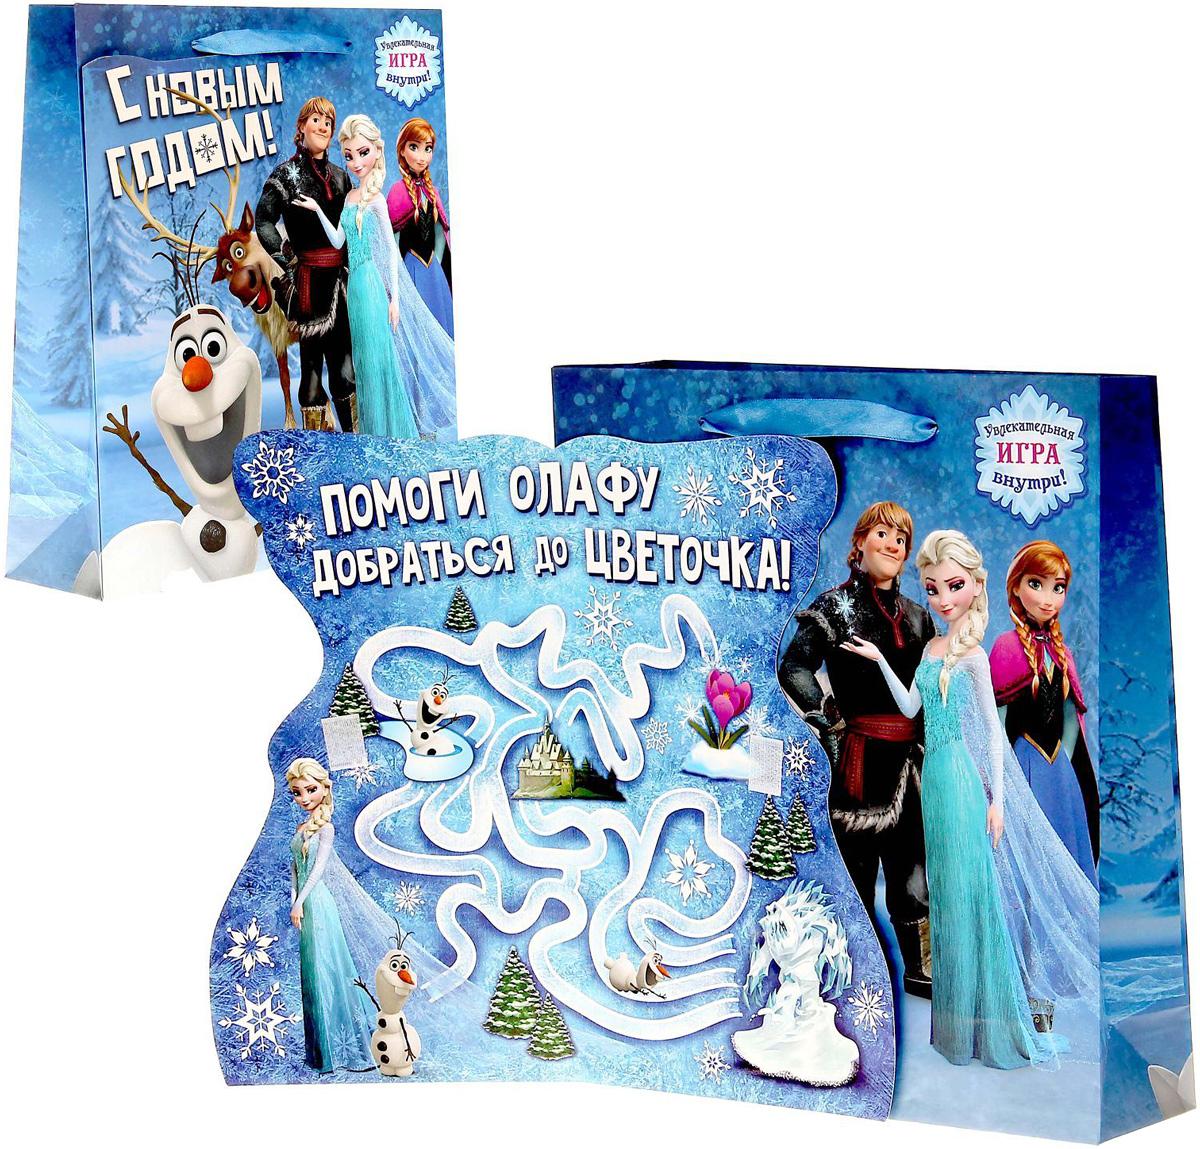 Пакет подарочный Disney Холодное сердце. С Новым годом, с открыткой, 23 х 27 см1125427Подарочный пакет с открыткой Disney Холодное сердце. С Новым годом, изготовленный из картона, станет незаменимым дополнением к выбранному подарку. Для удобной переноски на пакете имеются две ручки. Подарок, преподнесенный в оригинальной упаковке, всегда будет самымэффектным и запоминающимся. Окружите близких людей вниманием и заботой, вручив презент в нарядном, праздничном оформлении.